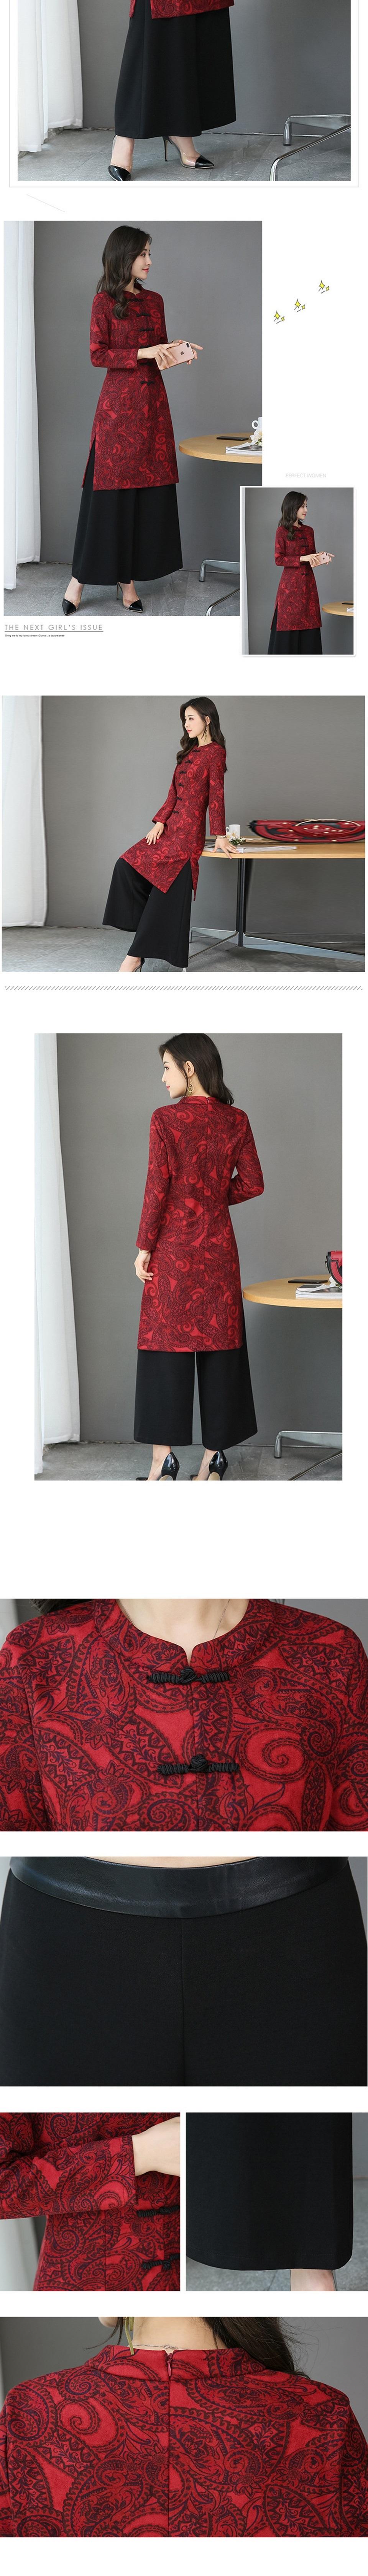 休閒套裝(三件套)-雪紡長袖上衣純色時尚優雅大方女褲裝